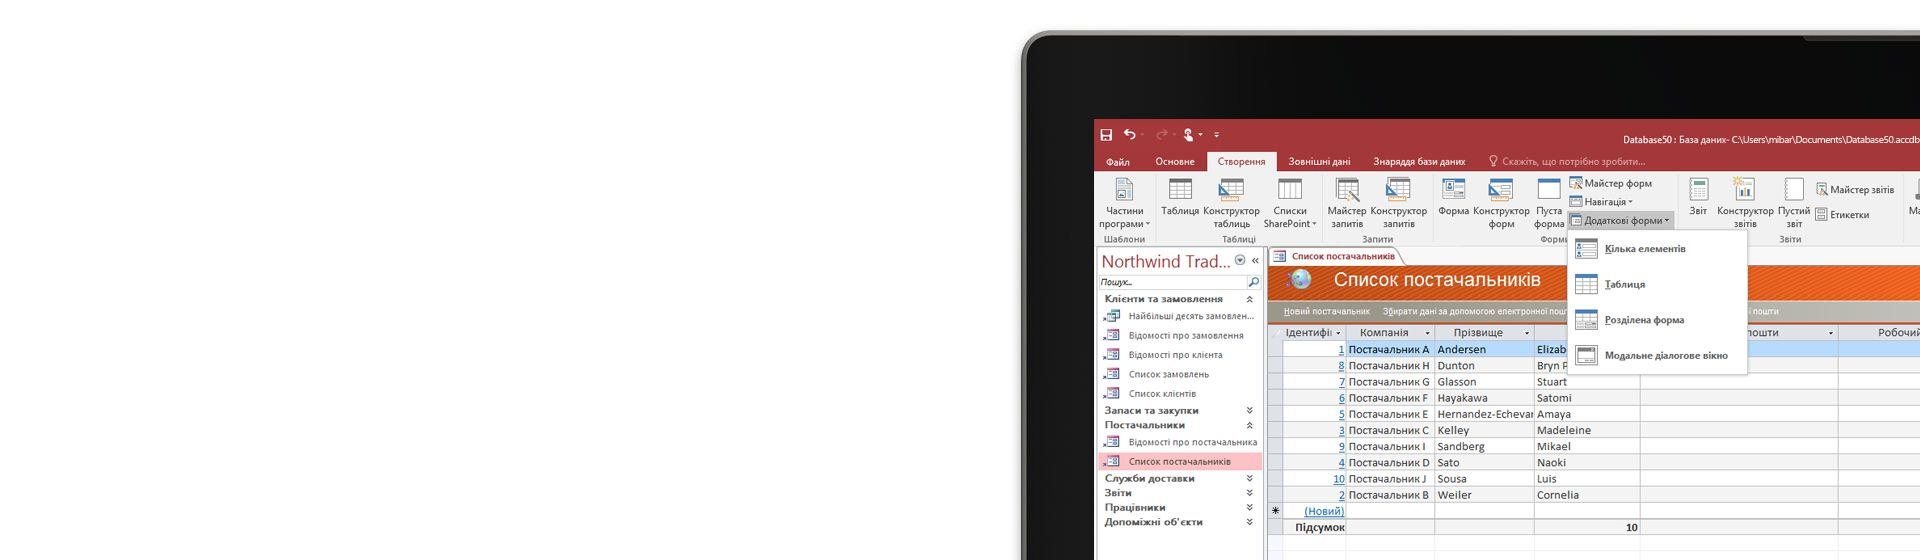 Куточок екрана комп'ютера, на якому показано список постачальників у базі даних Microsoft Access.